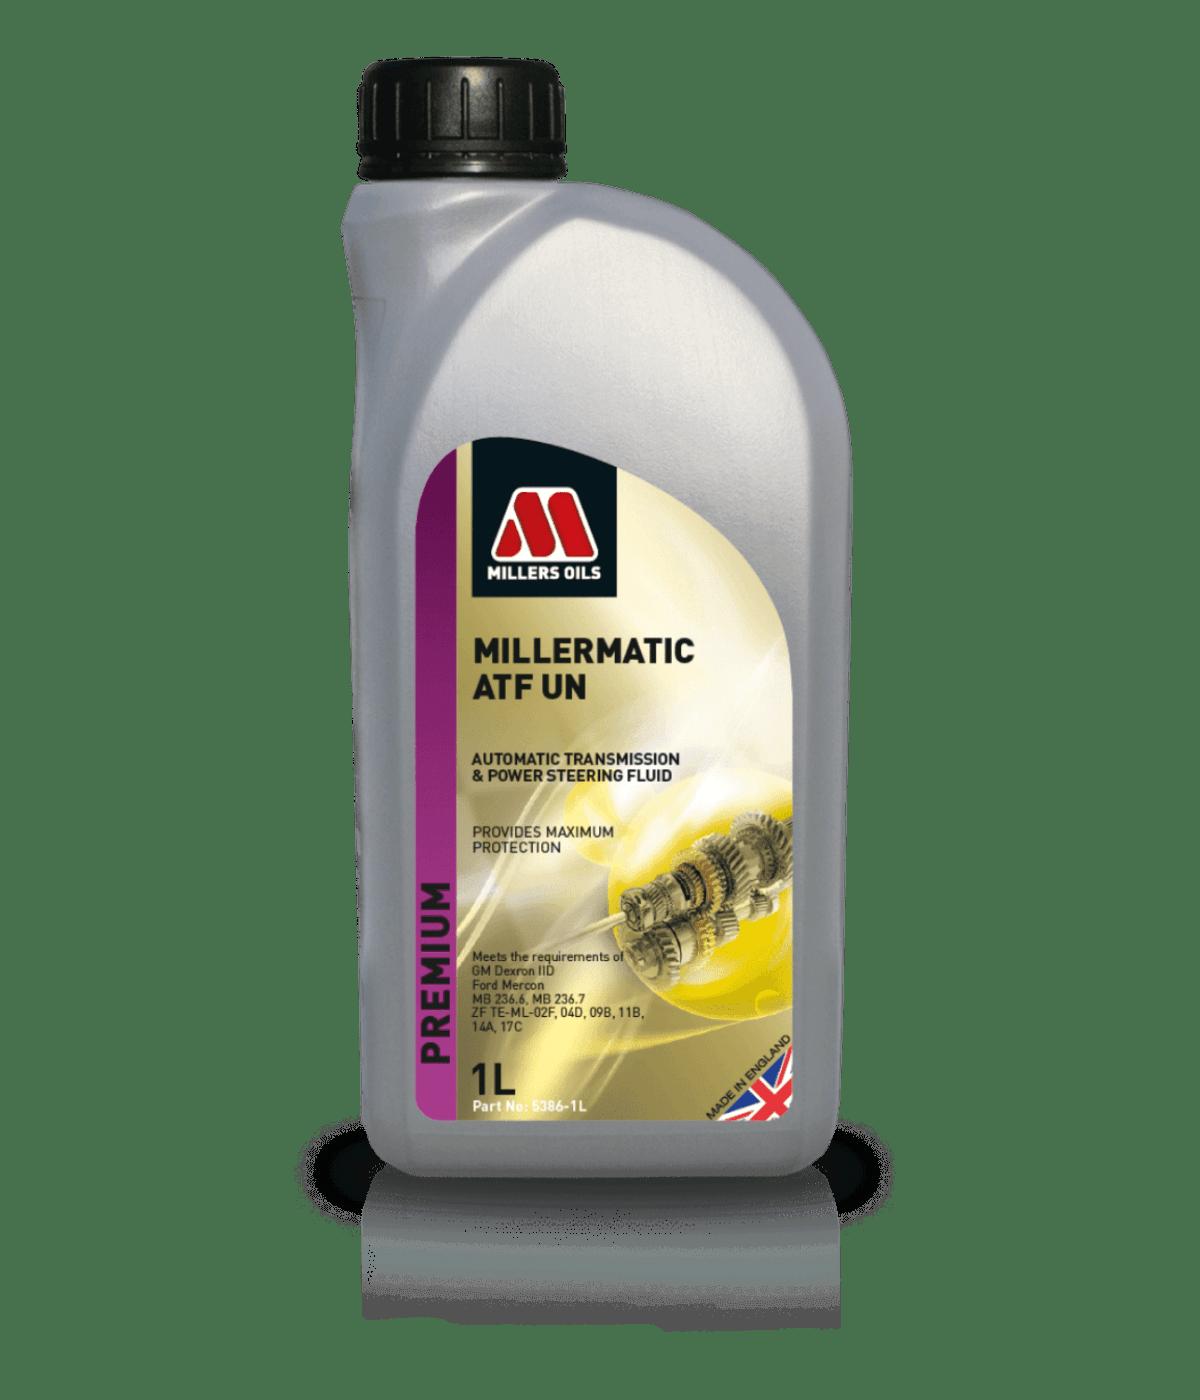 P14046 - Millermatic ATF UN 5386-1L-01